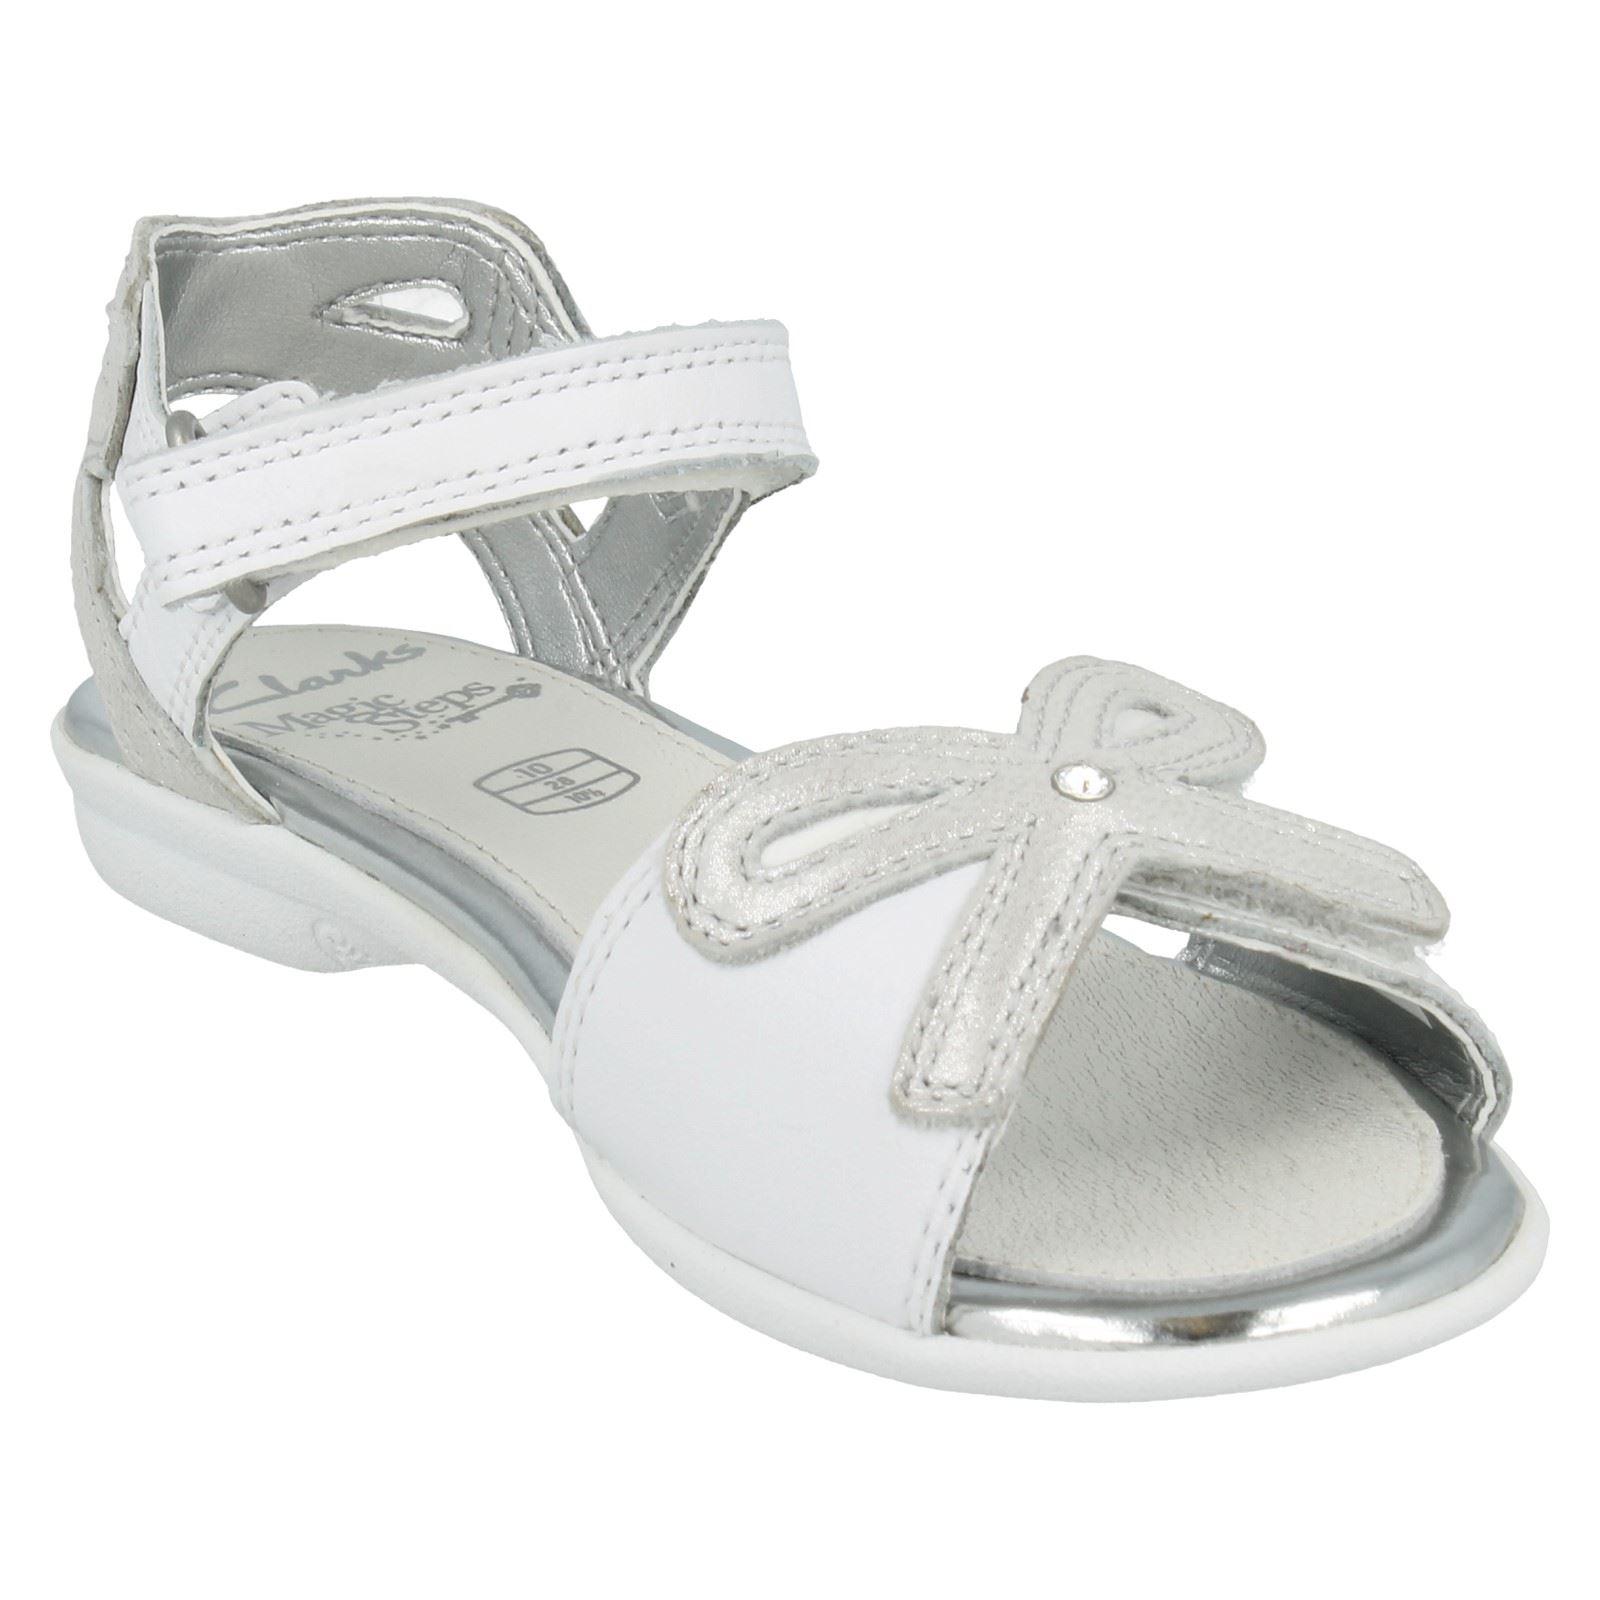 Girls Clarks Sandals Style - Orra Dream